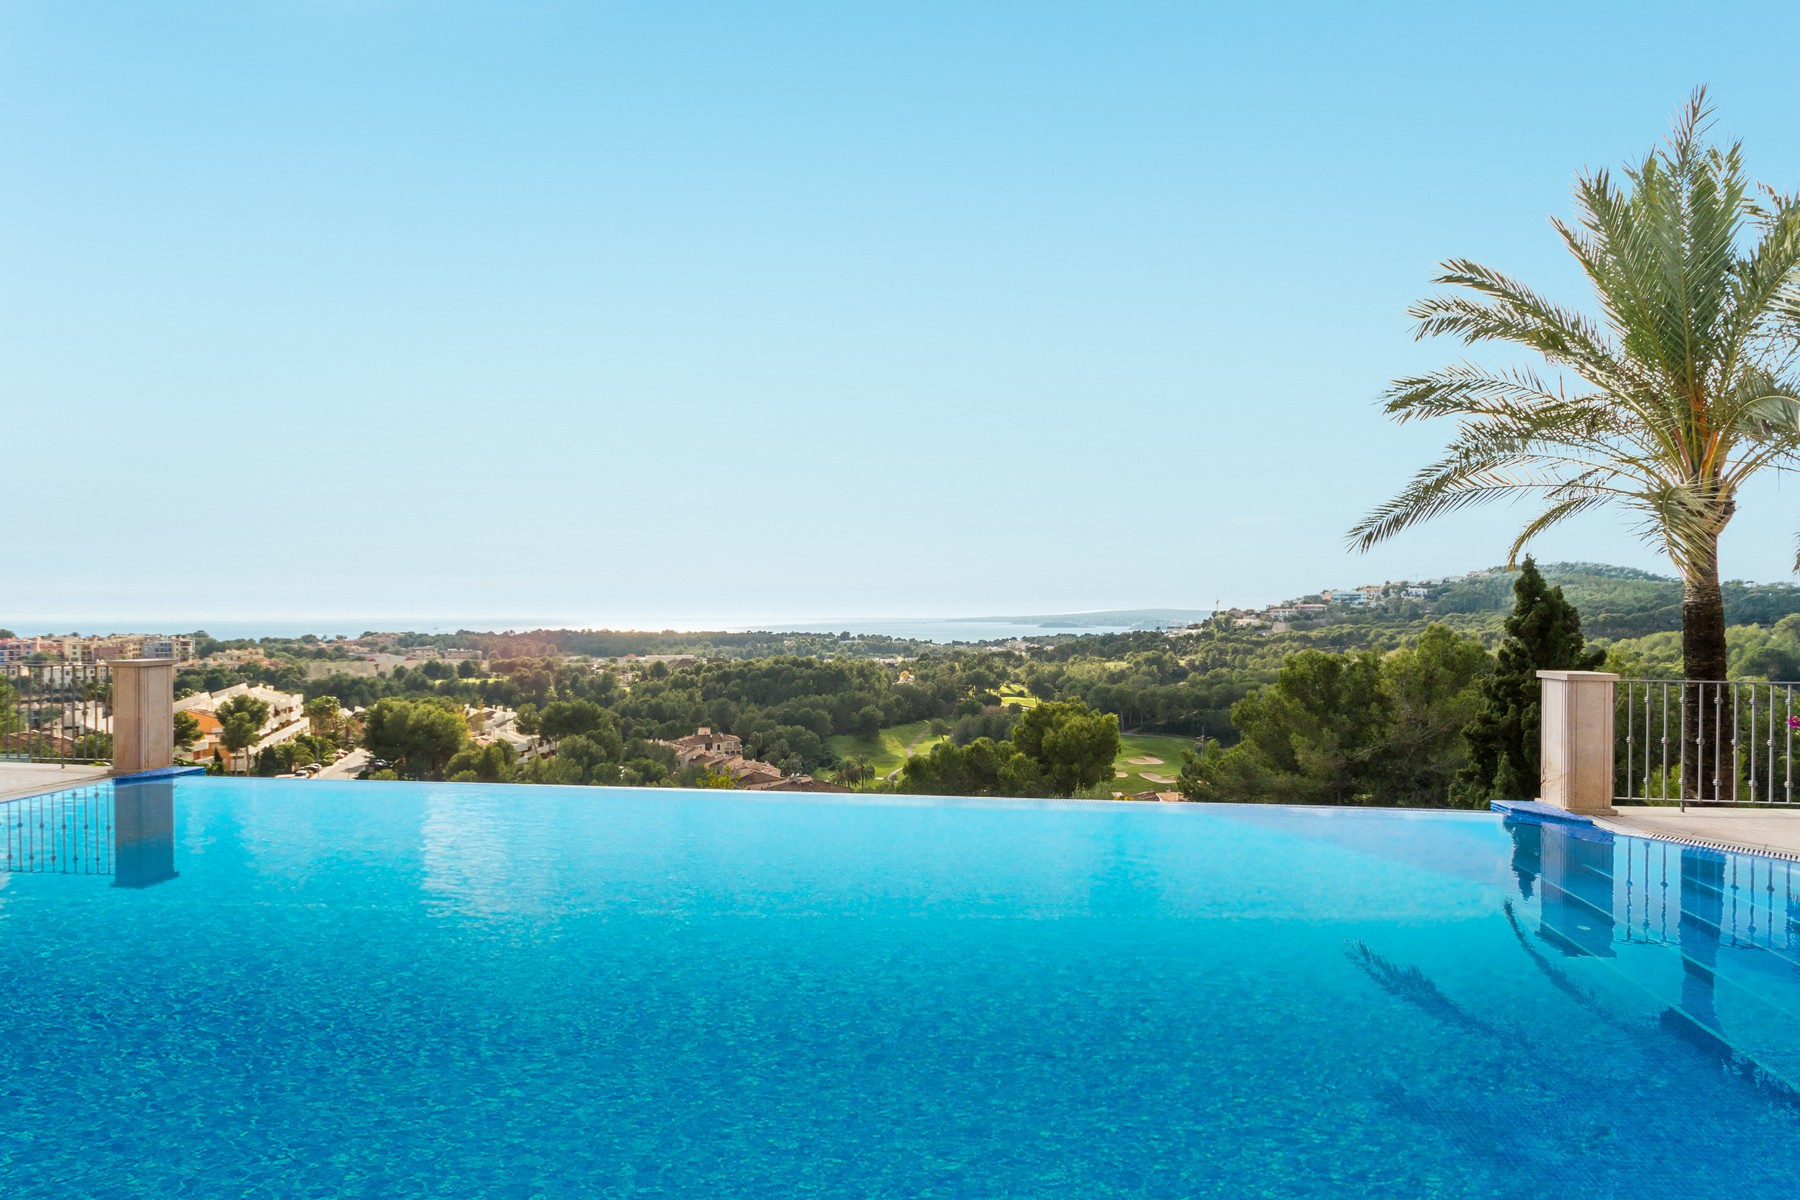 Nhà ở một gia đình vì Bán tại Luxury villa in prime location in Bendinat Bendinat, Mallorca 07181 Tây Ban Nha